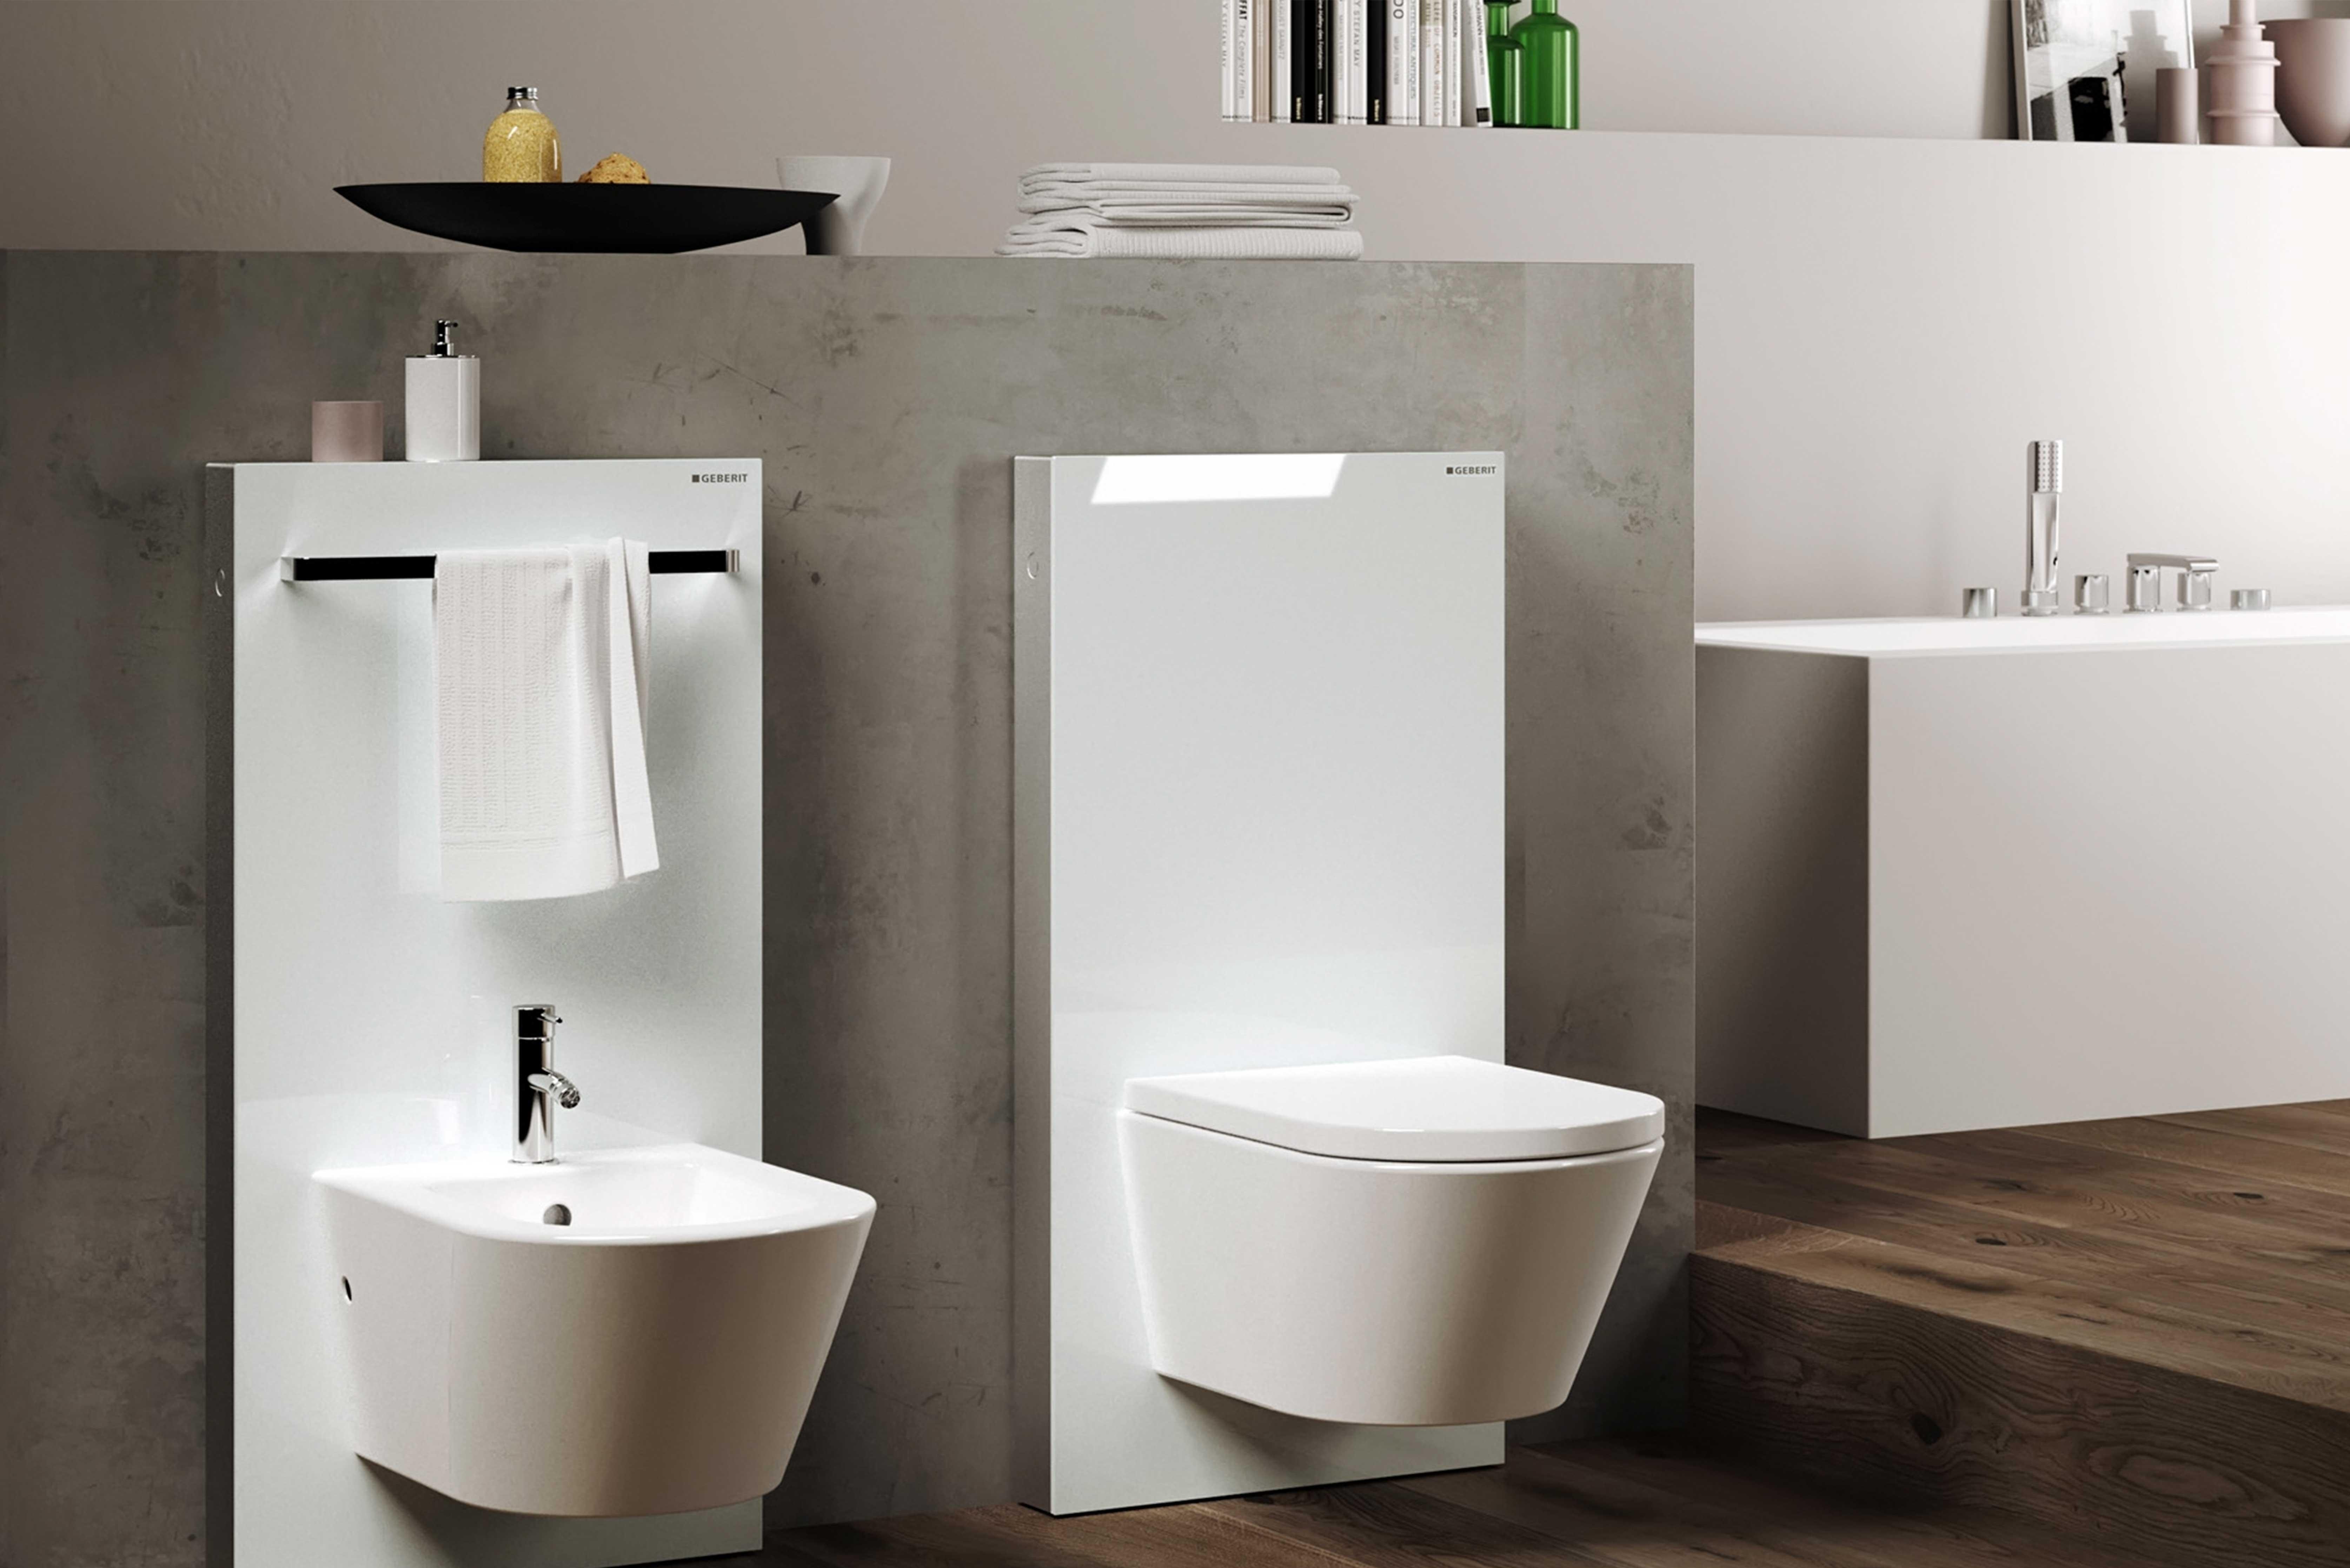 baños-goberna-1